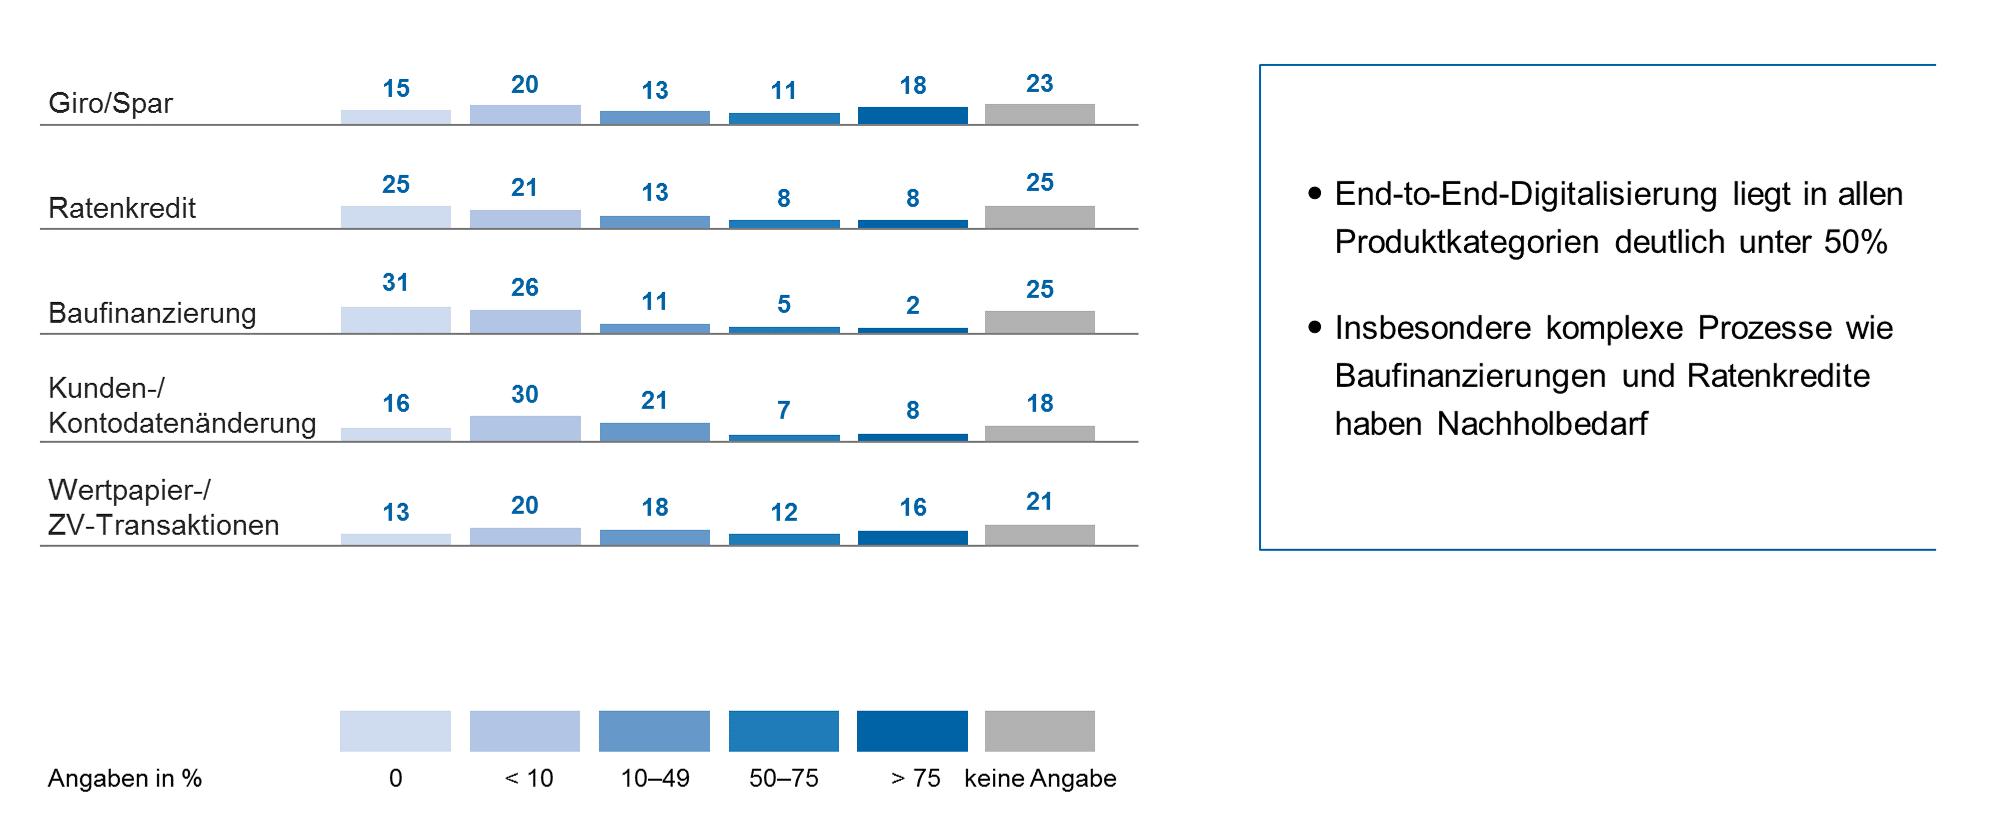 Wie digital sind Europas Banken? Anteil End-to-End-digitalisierter Prozesse nach Produktkategorien